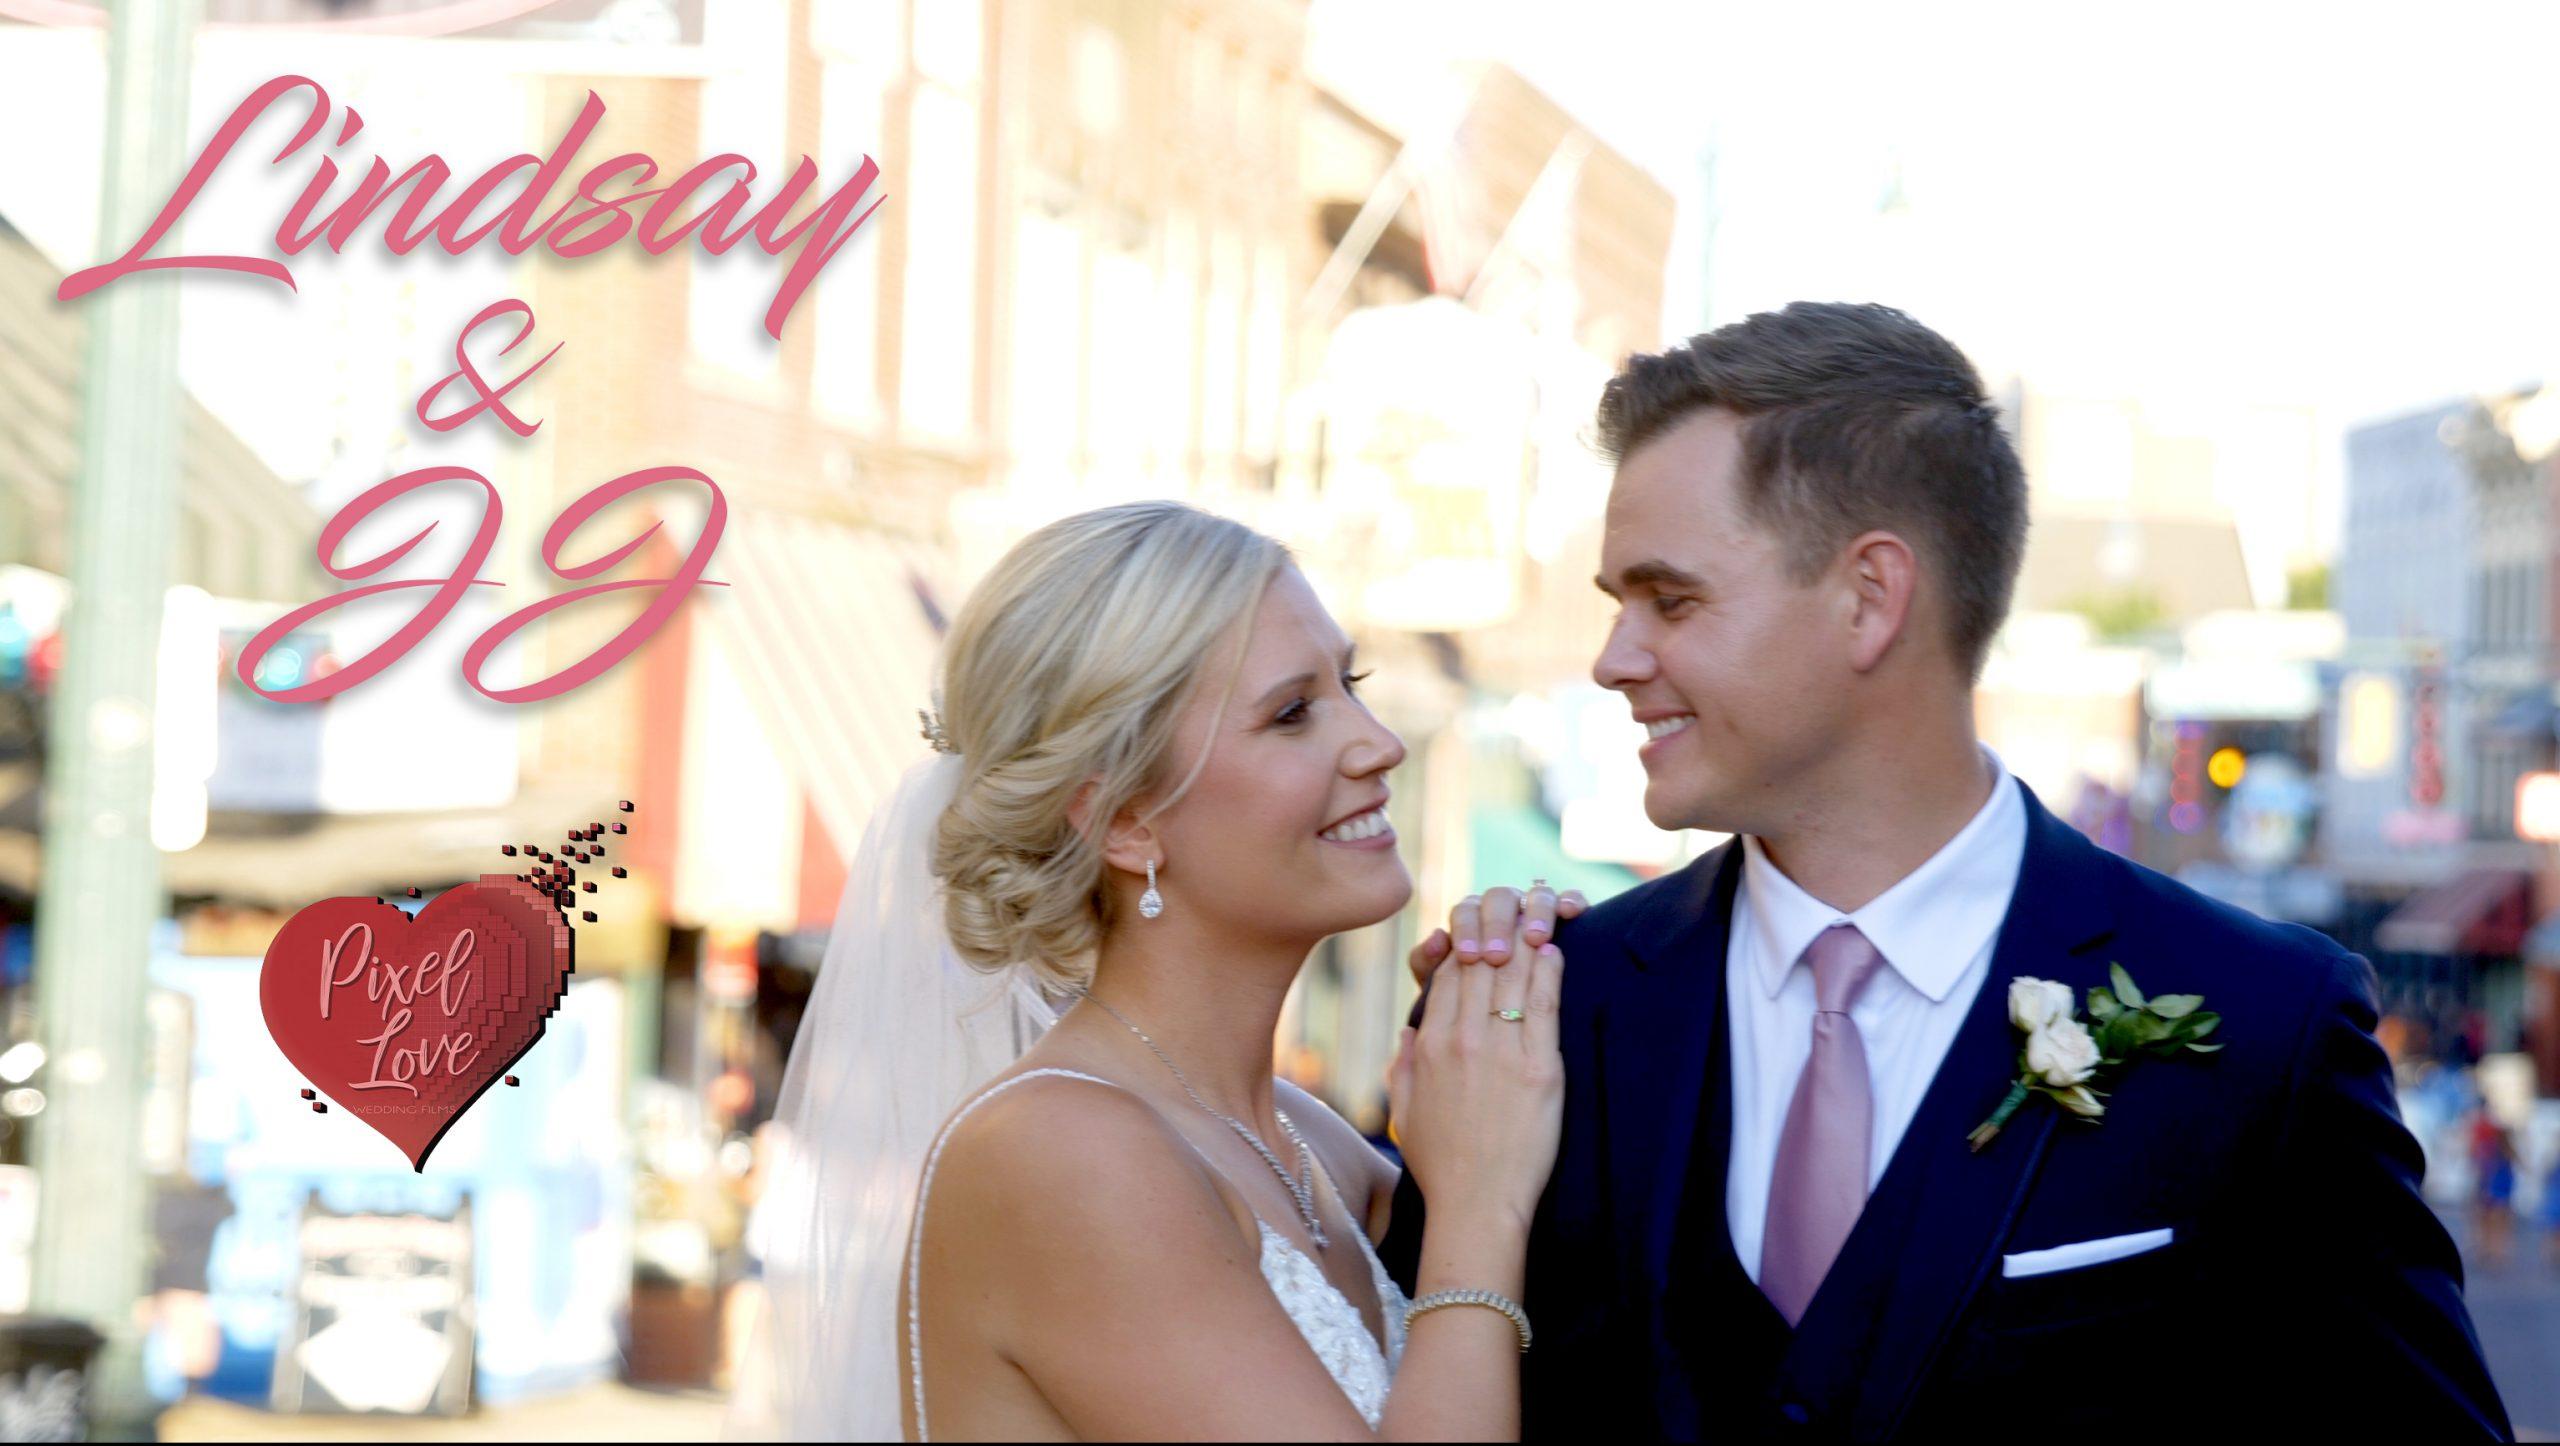 Lindsay & JJ – Wedding at 409 South Main